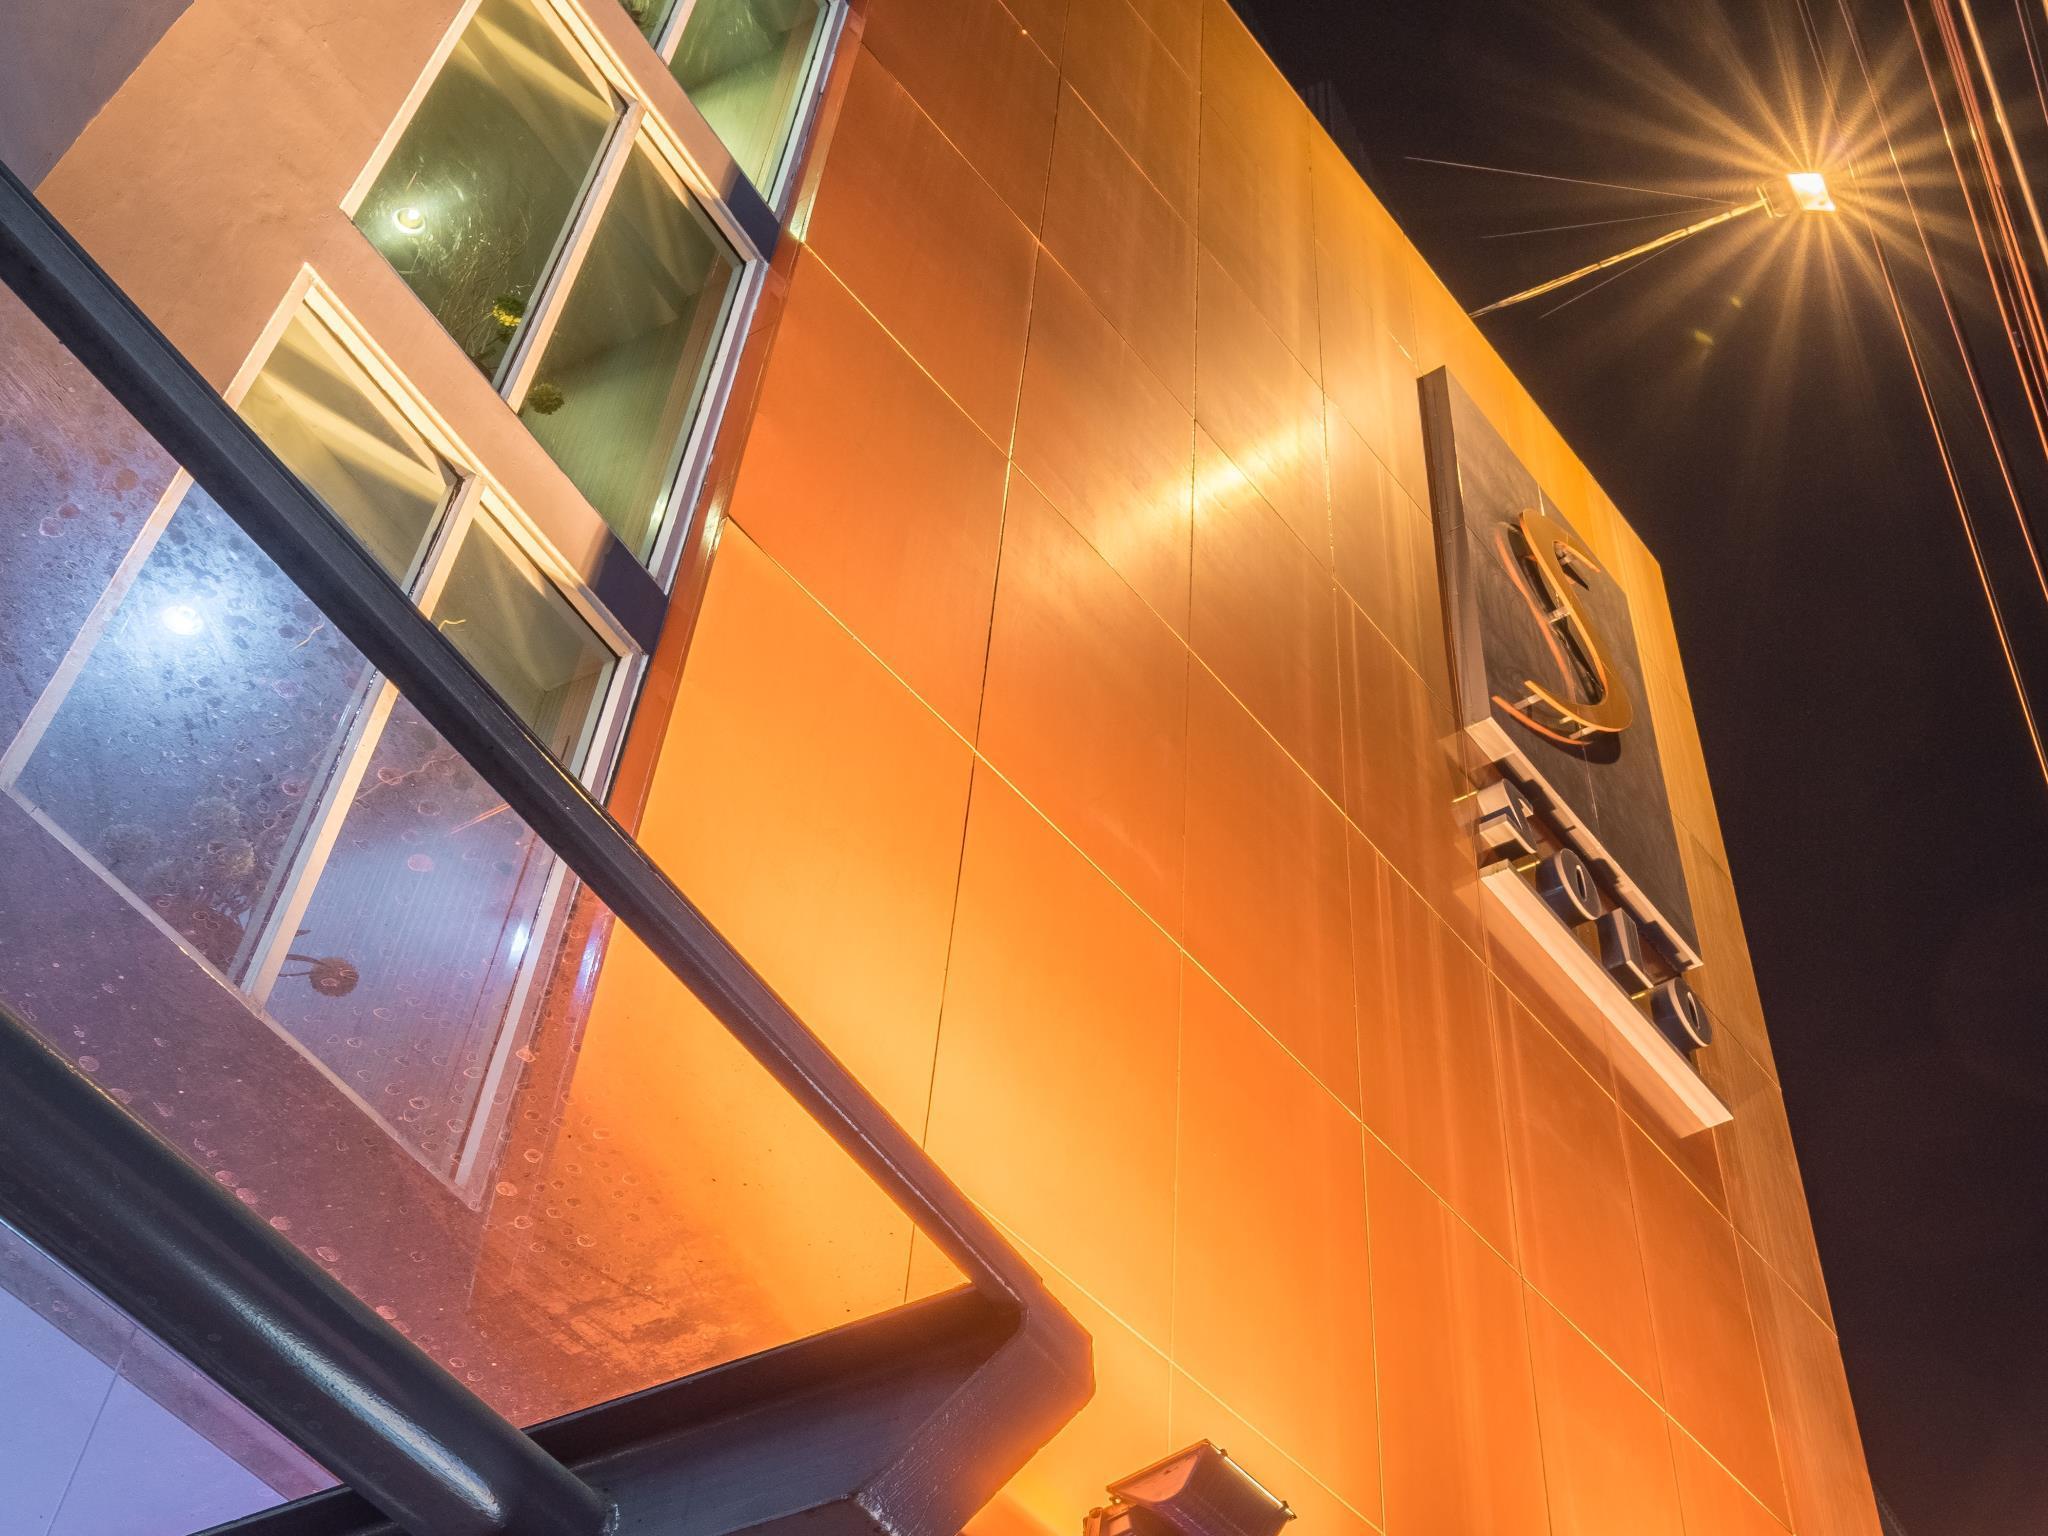 โรงแรมโซโล สุขุมวิท 2